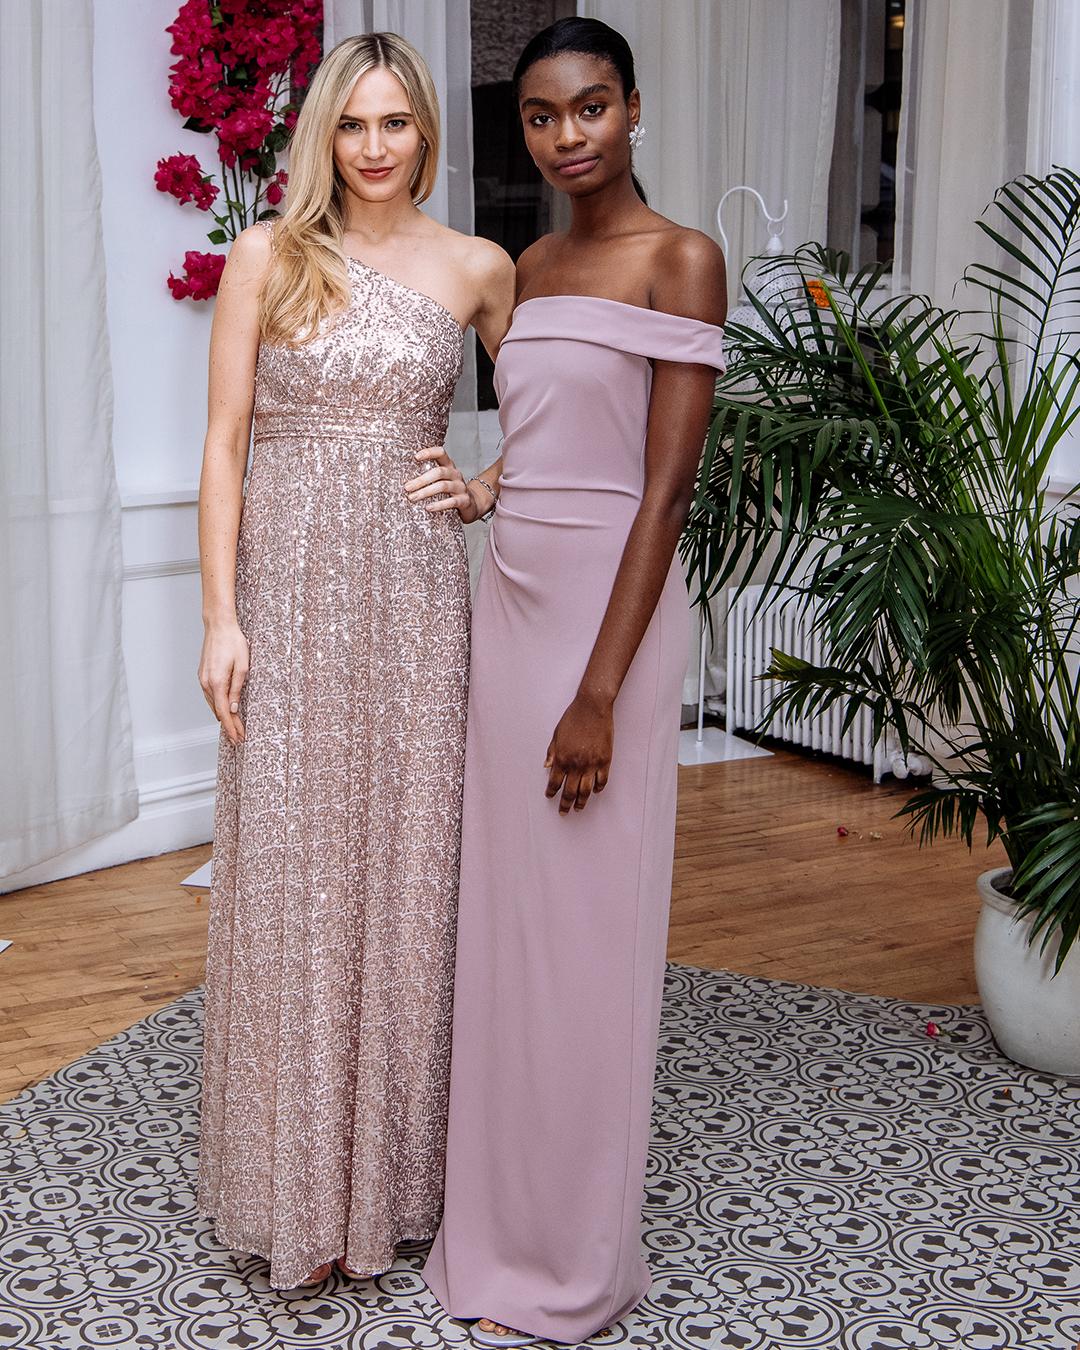 2019 Spring Bridesmaid Dresses | Shoulder Moment